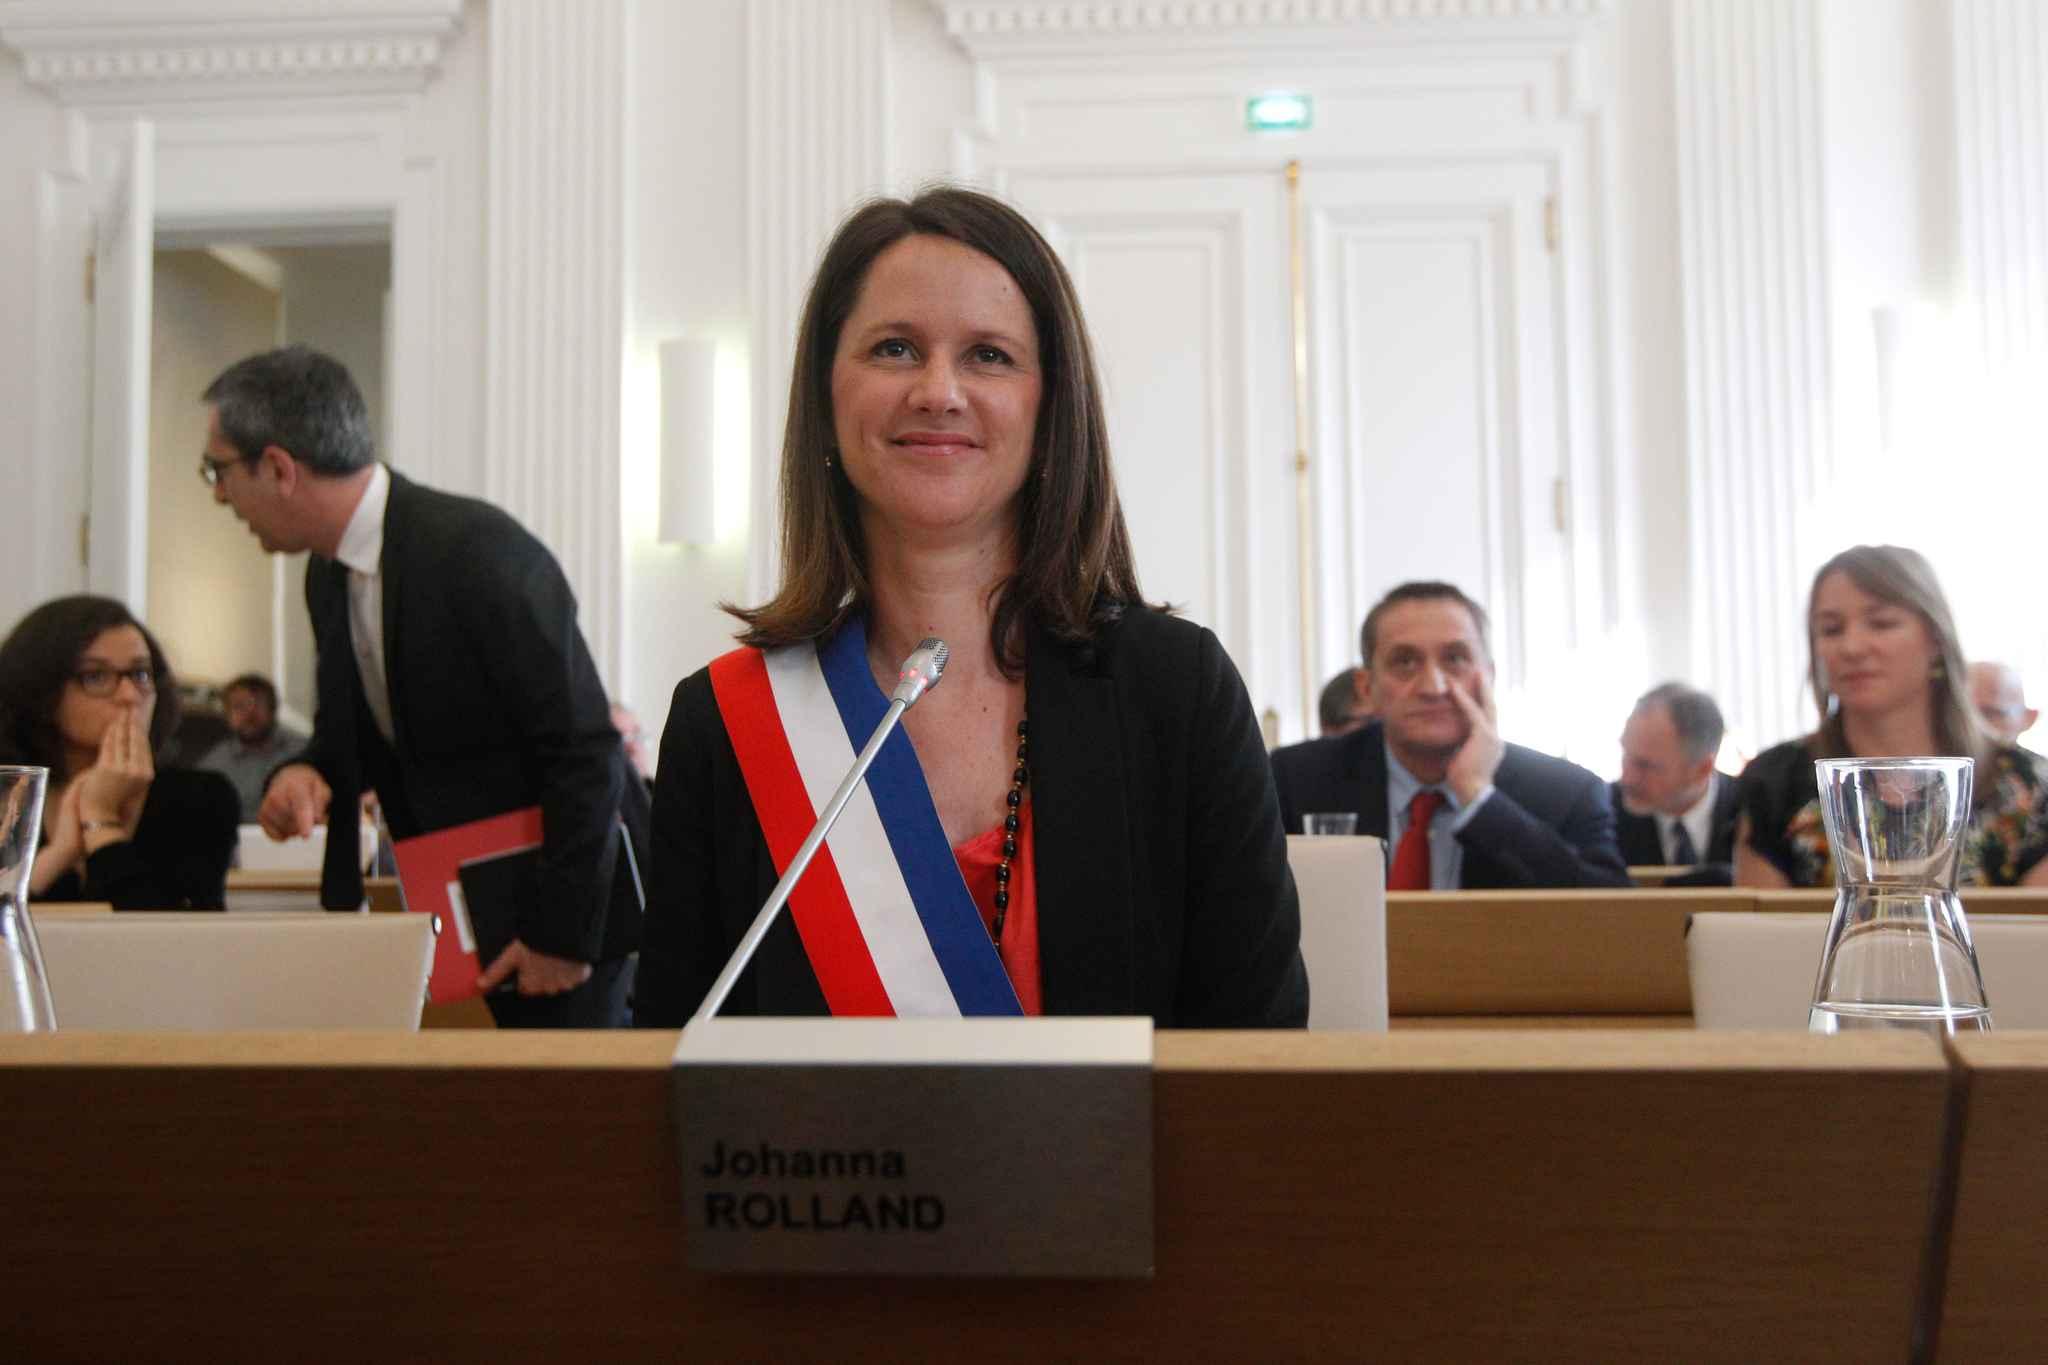 """Résultat de recherche d'images pour """"Johanna Rolland , Maire de Nantes"""""""